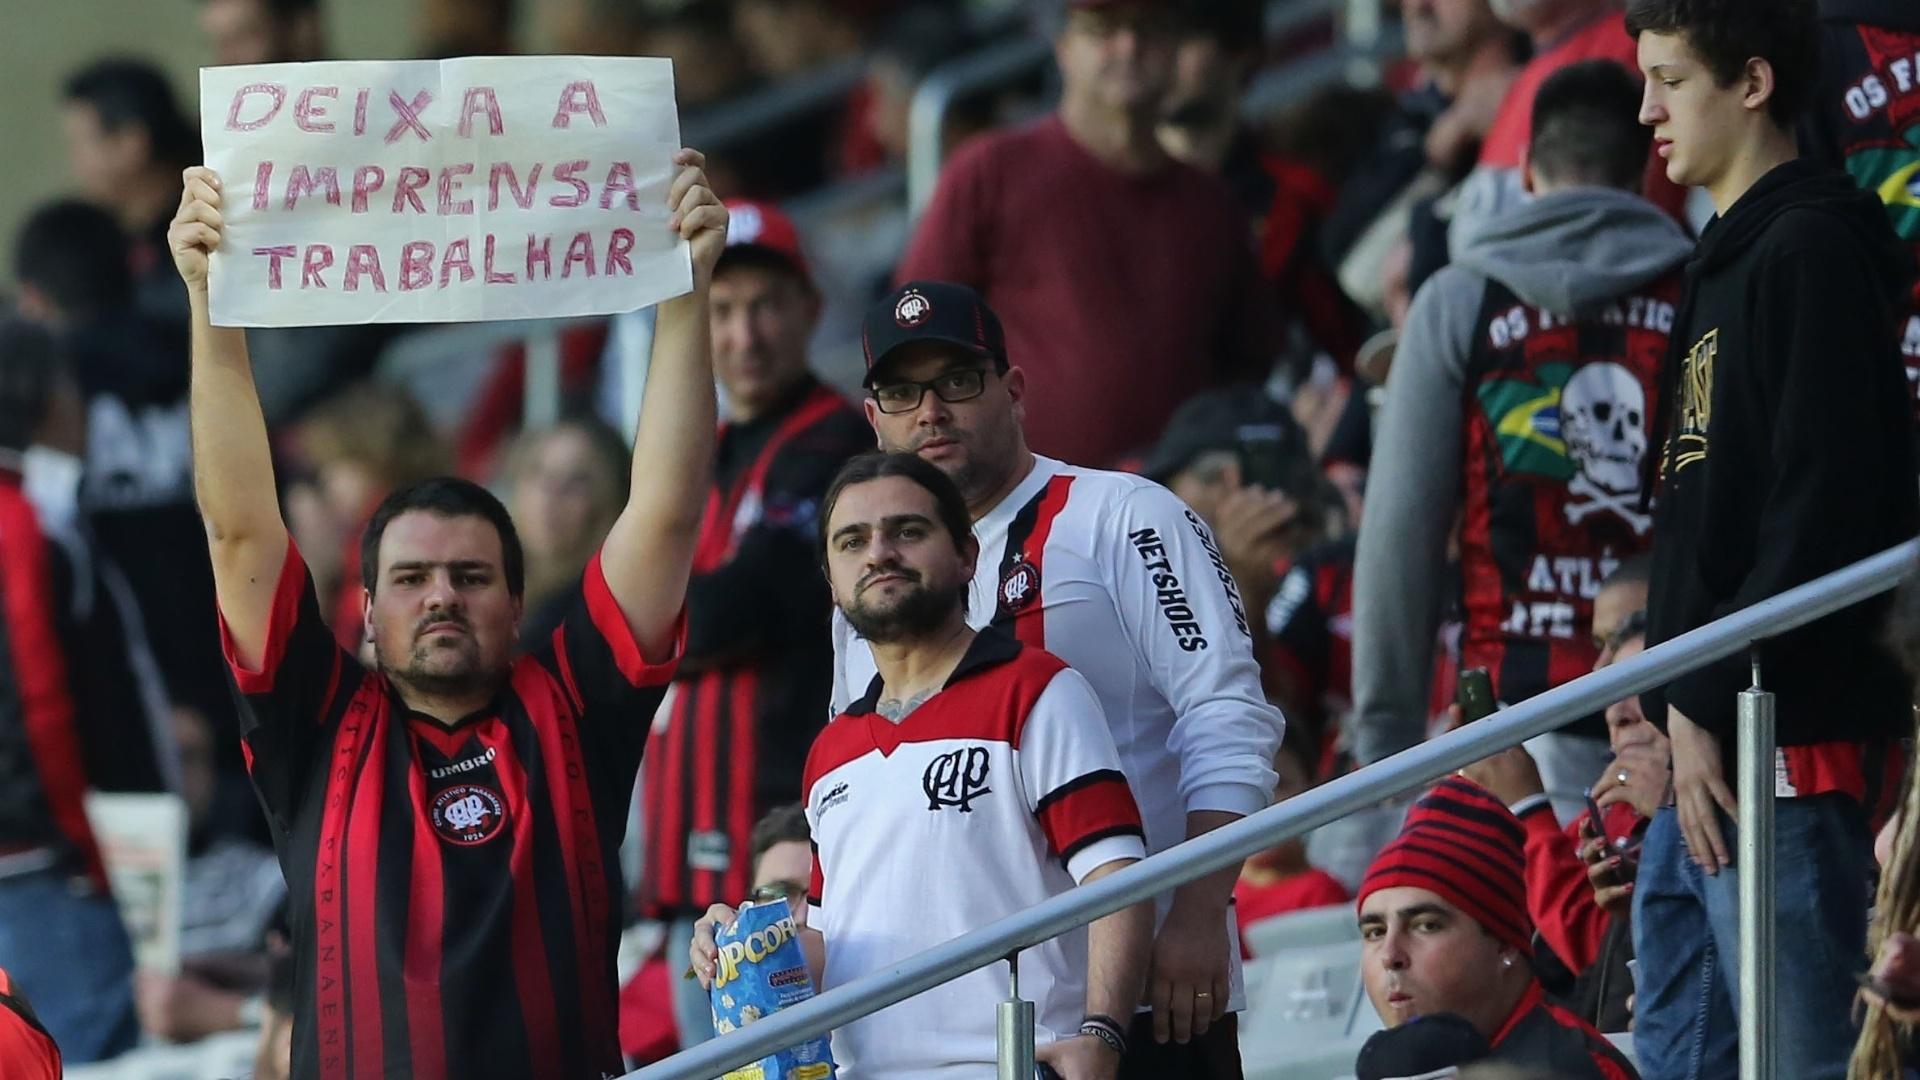 Torcida do Atlético-PR protesta no jogo contra o Palmeiras e pede liberdade para imprensa